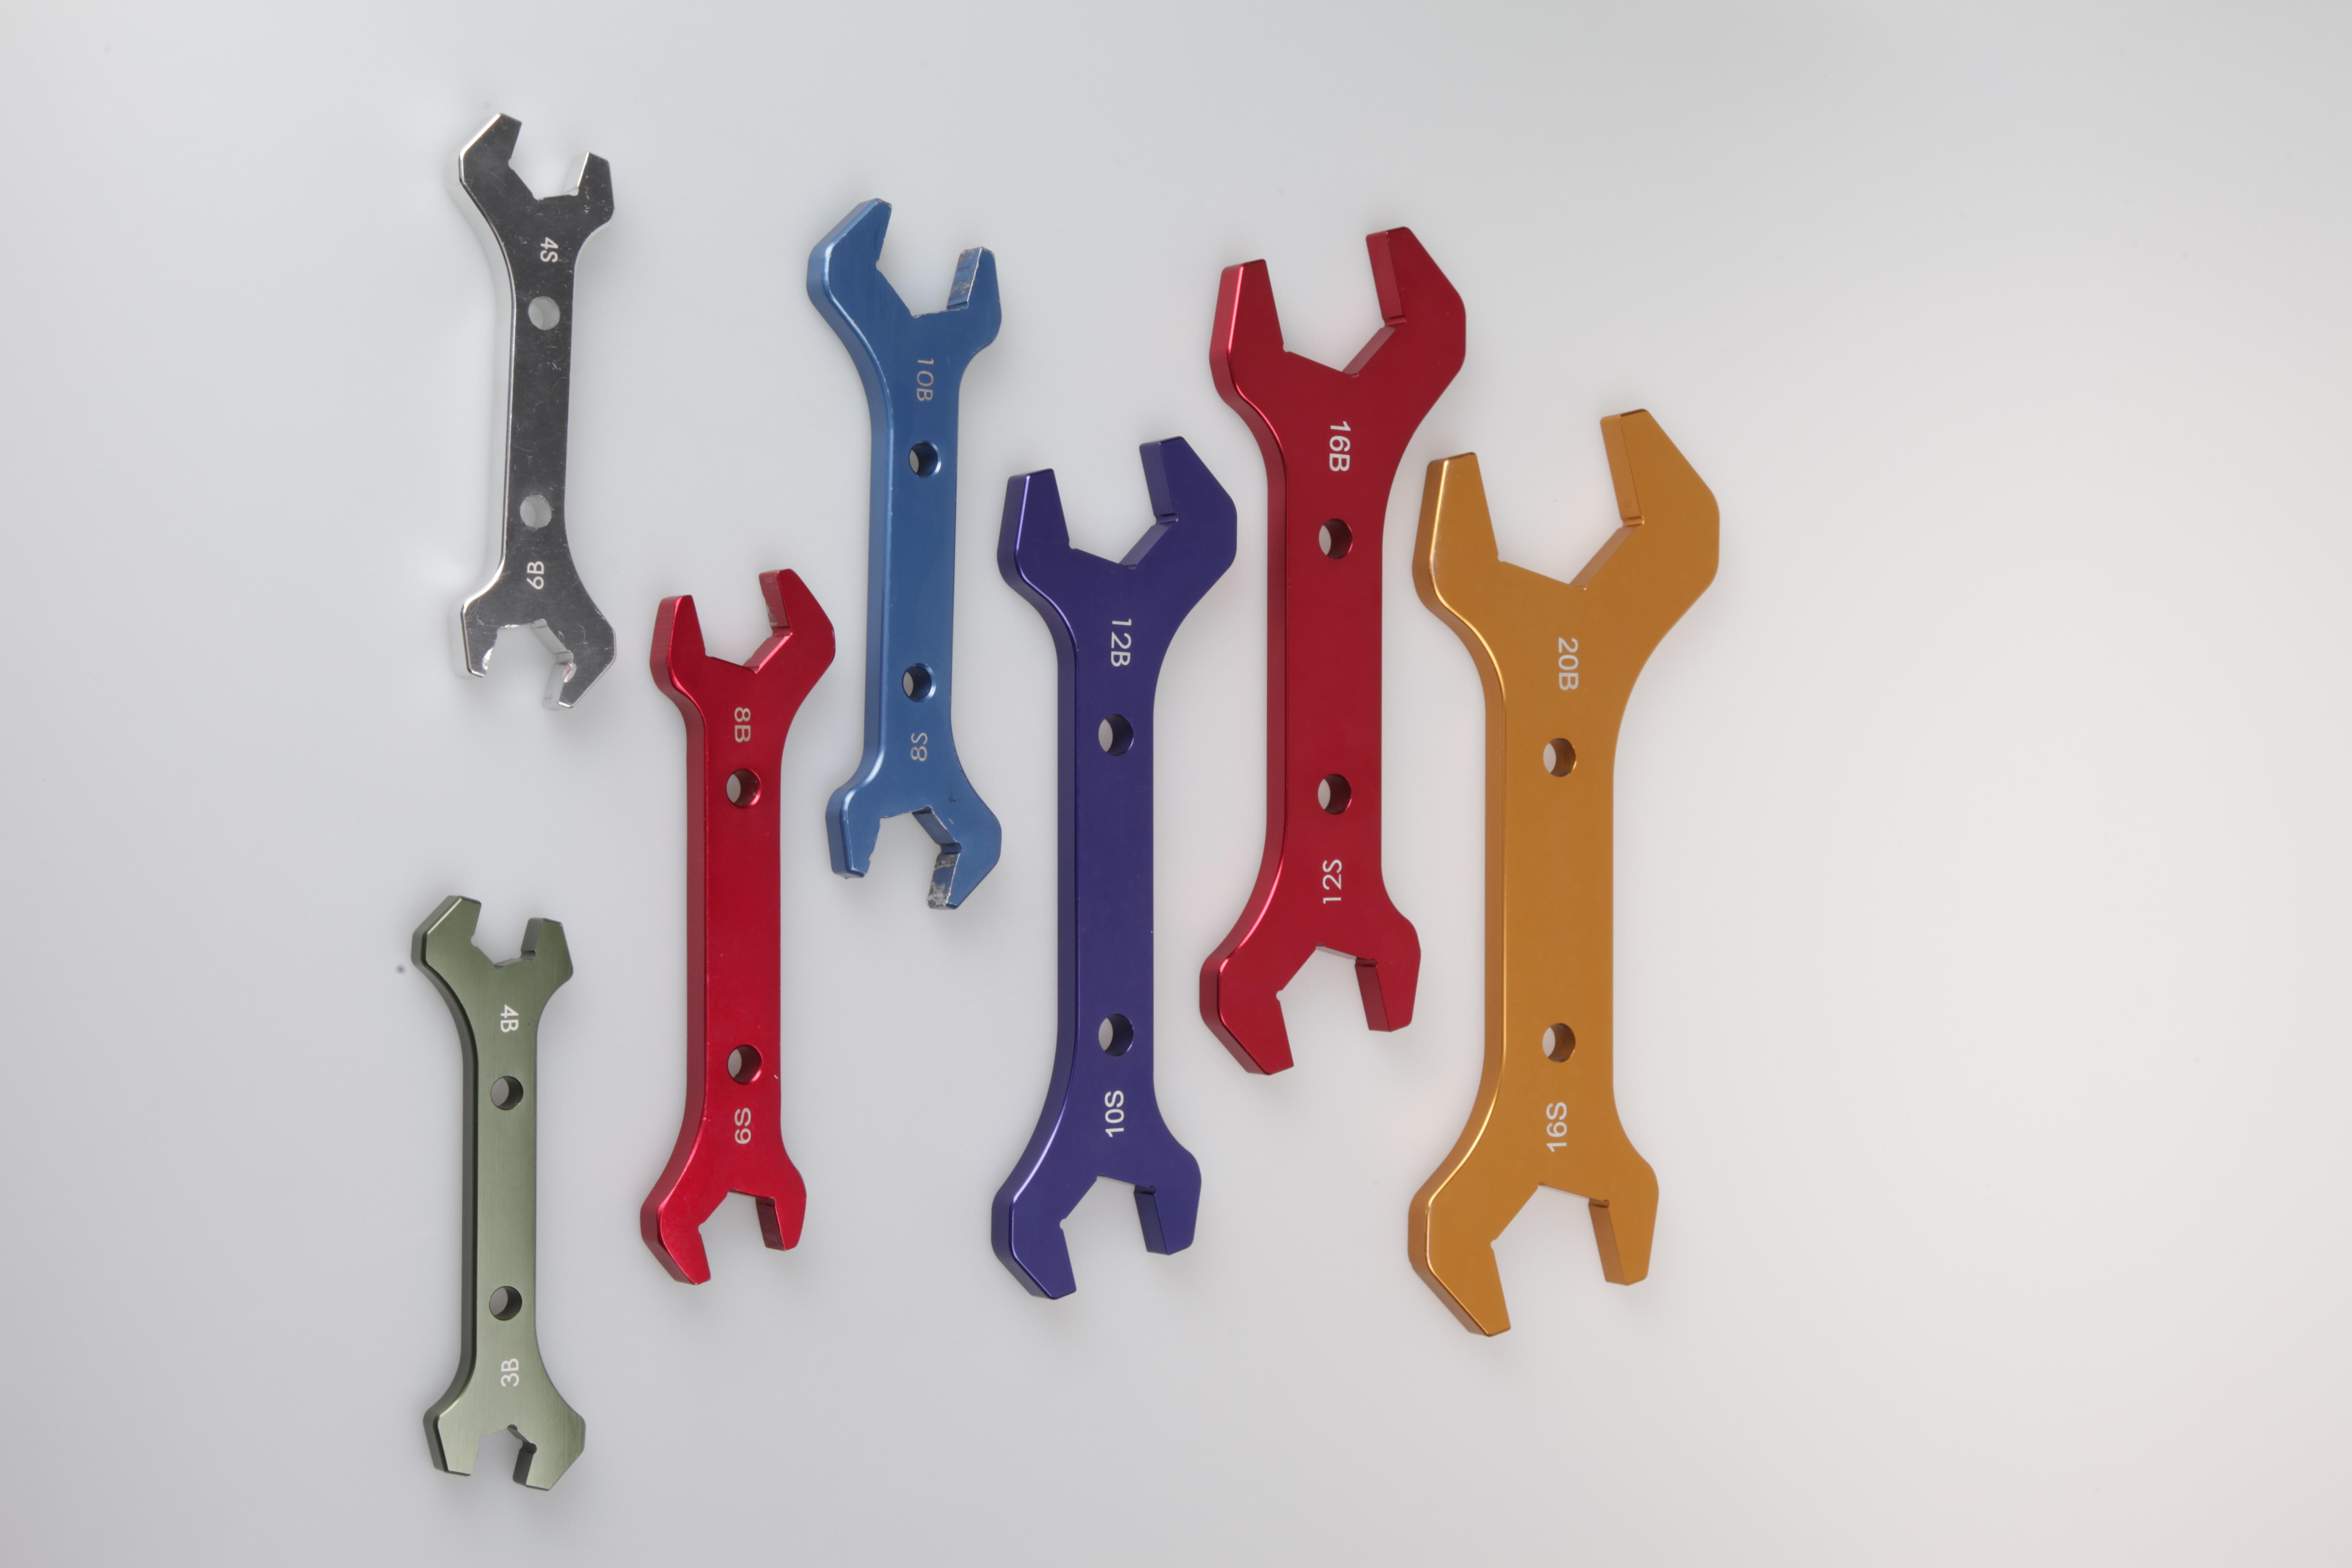 AN3-16 Алюминиевый Регулируемый гаечным ключом ложки с длинной ручкой, гаечный ключ